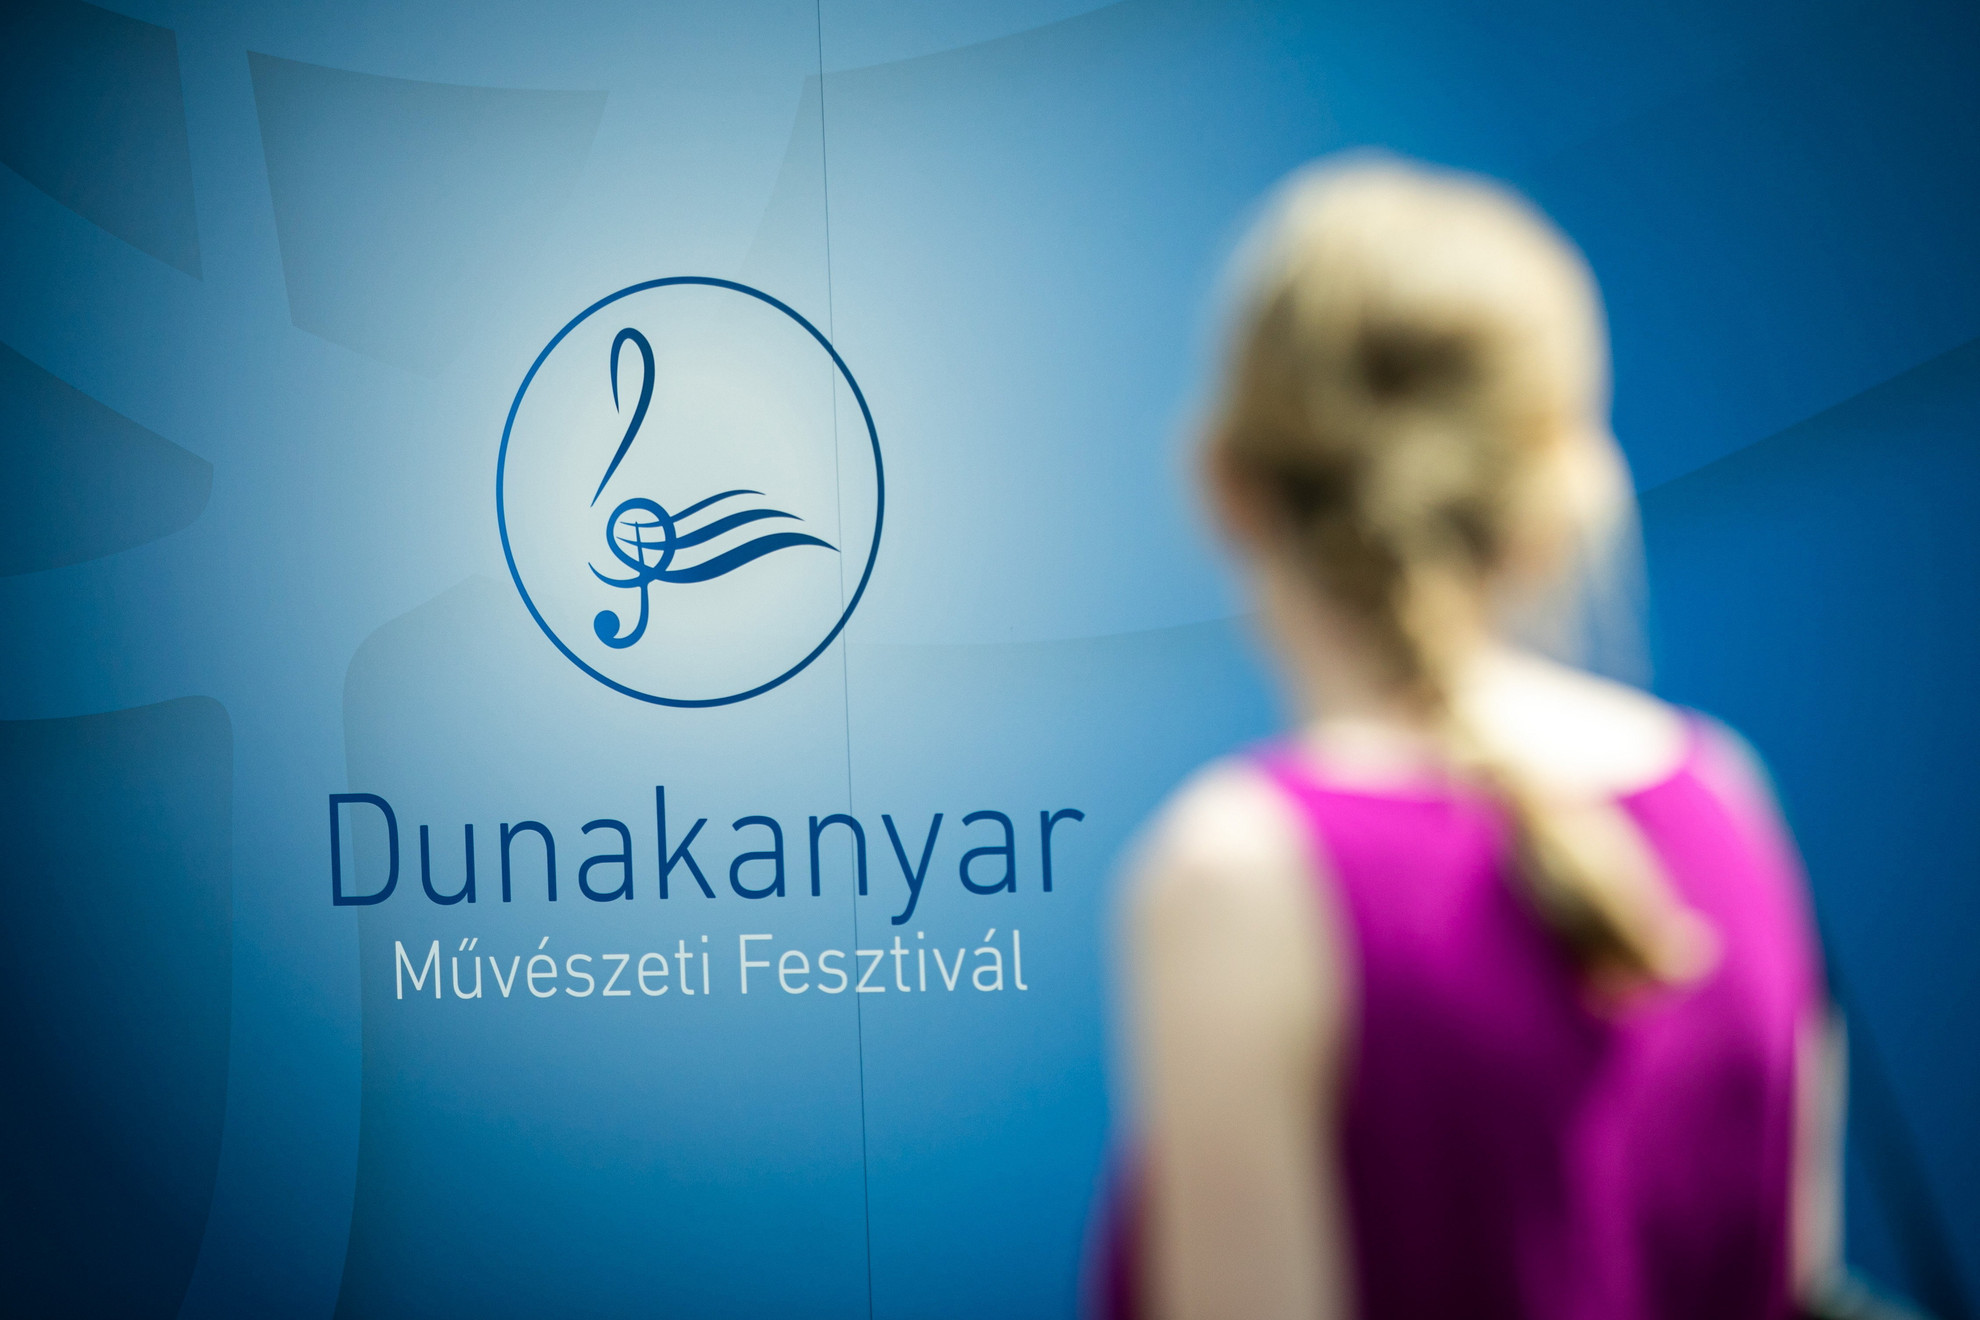 Dunakanyar Művészeti Fesztivál logója az esemény sajtótájékoztatóján a Duna Event hajón Visegrádon 2021. június 21-én